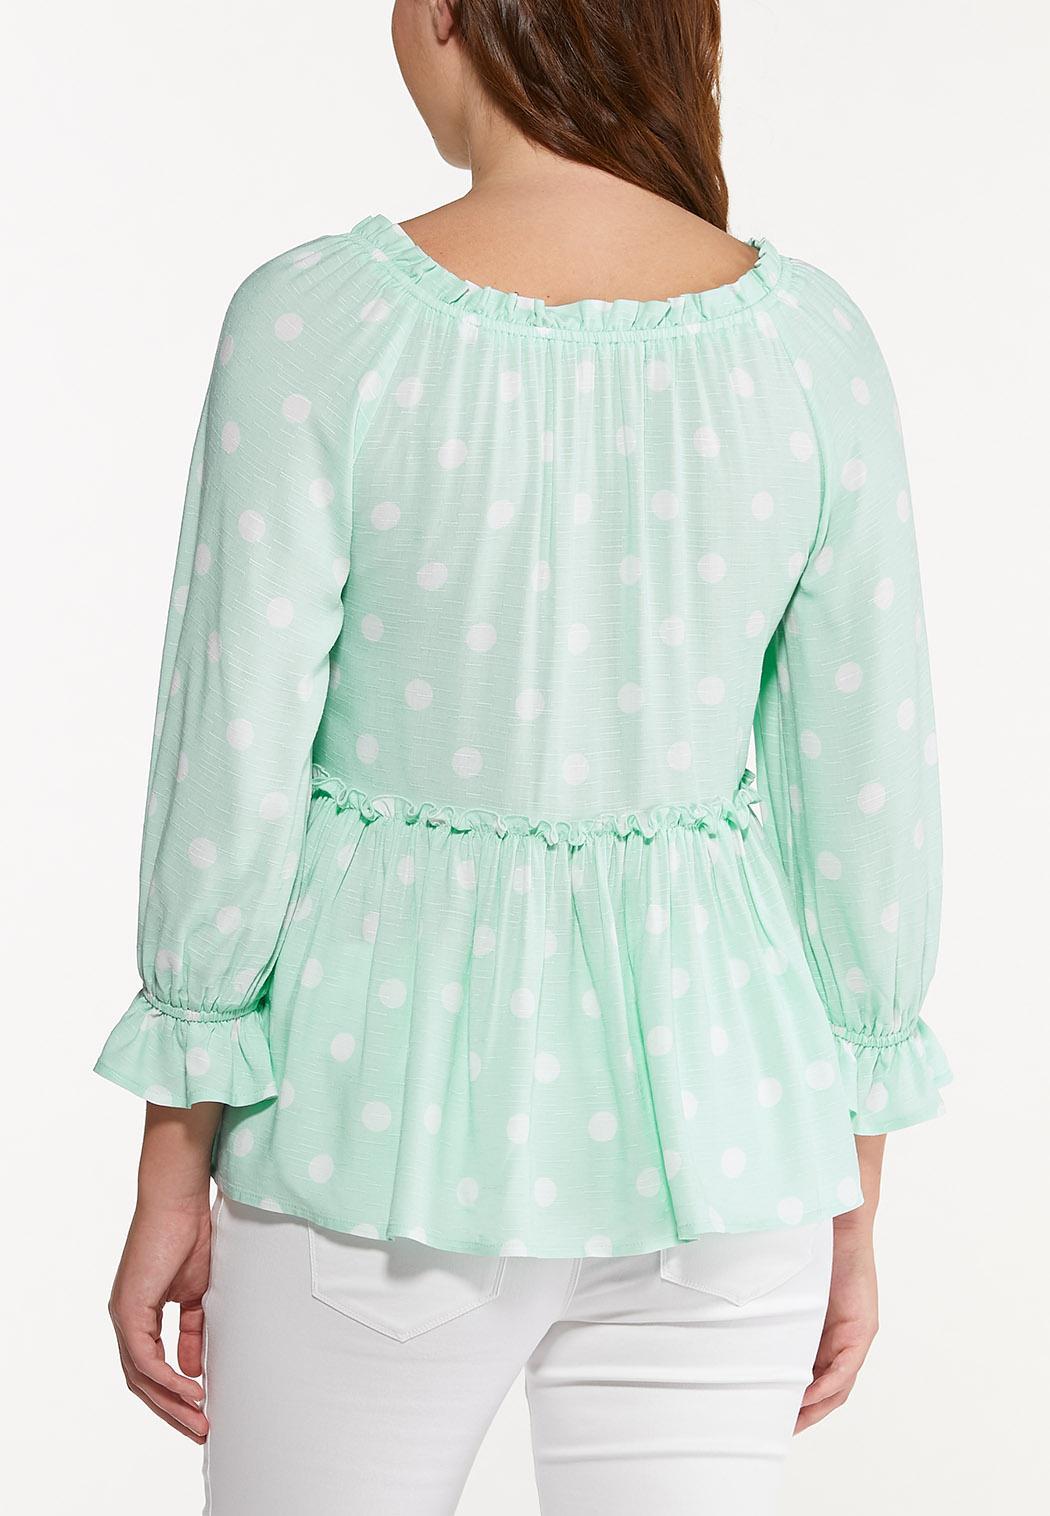 Mint Polka Dot Top (Item #44547525)